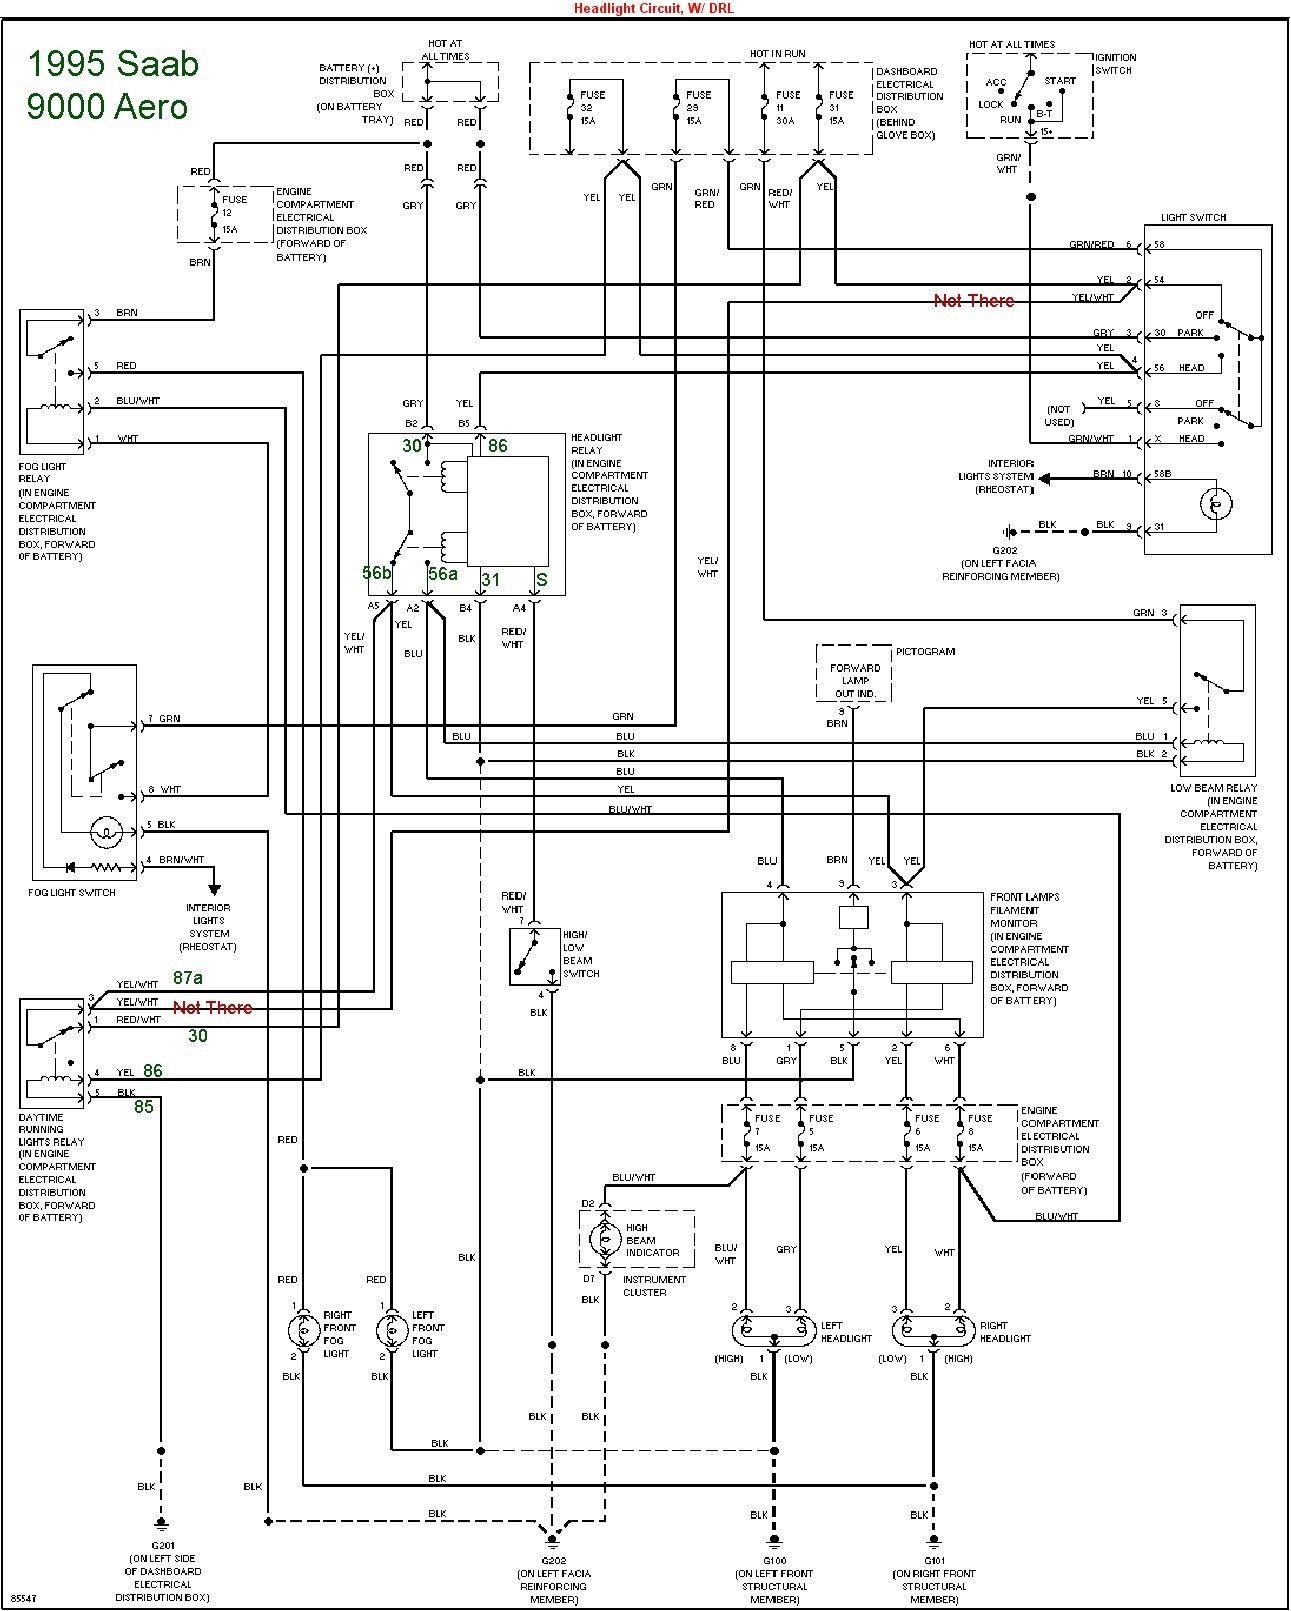 New Electric Diagram Diagram Wiringdiagram Diagramming